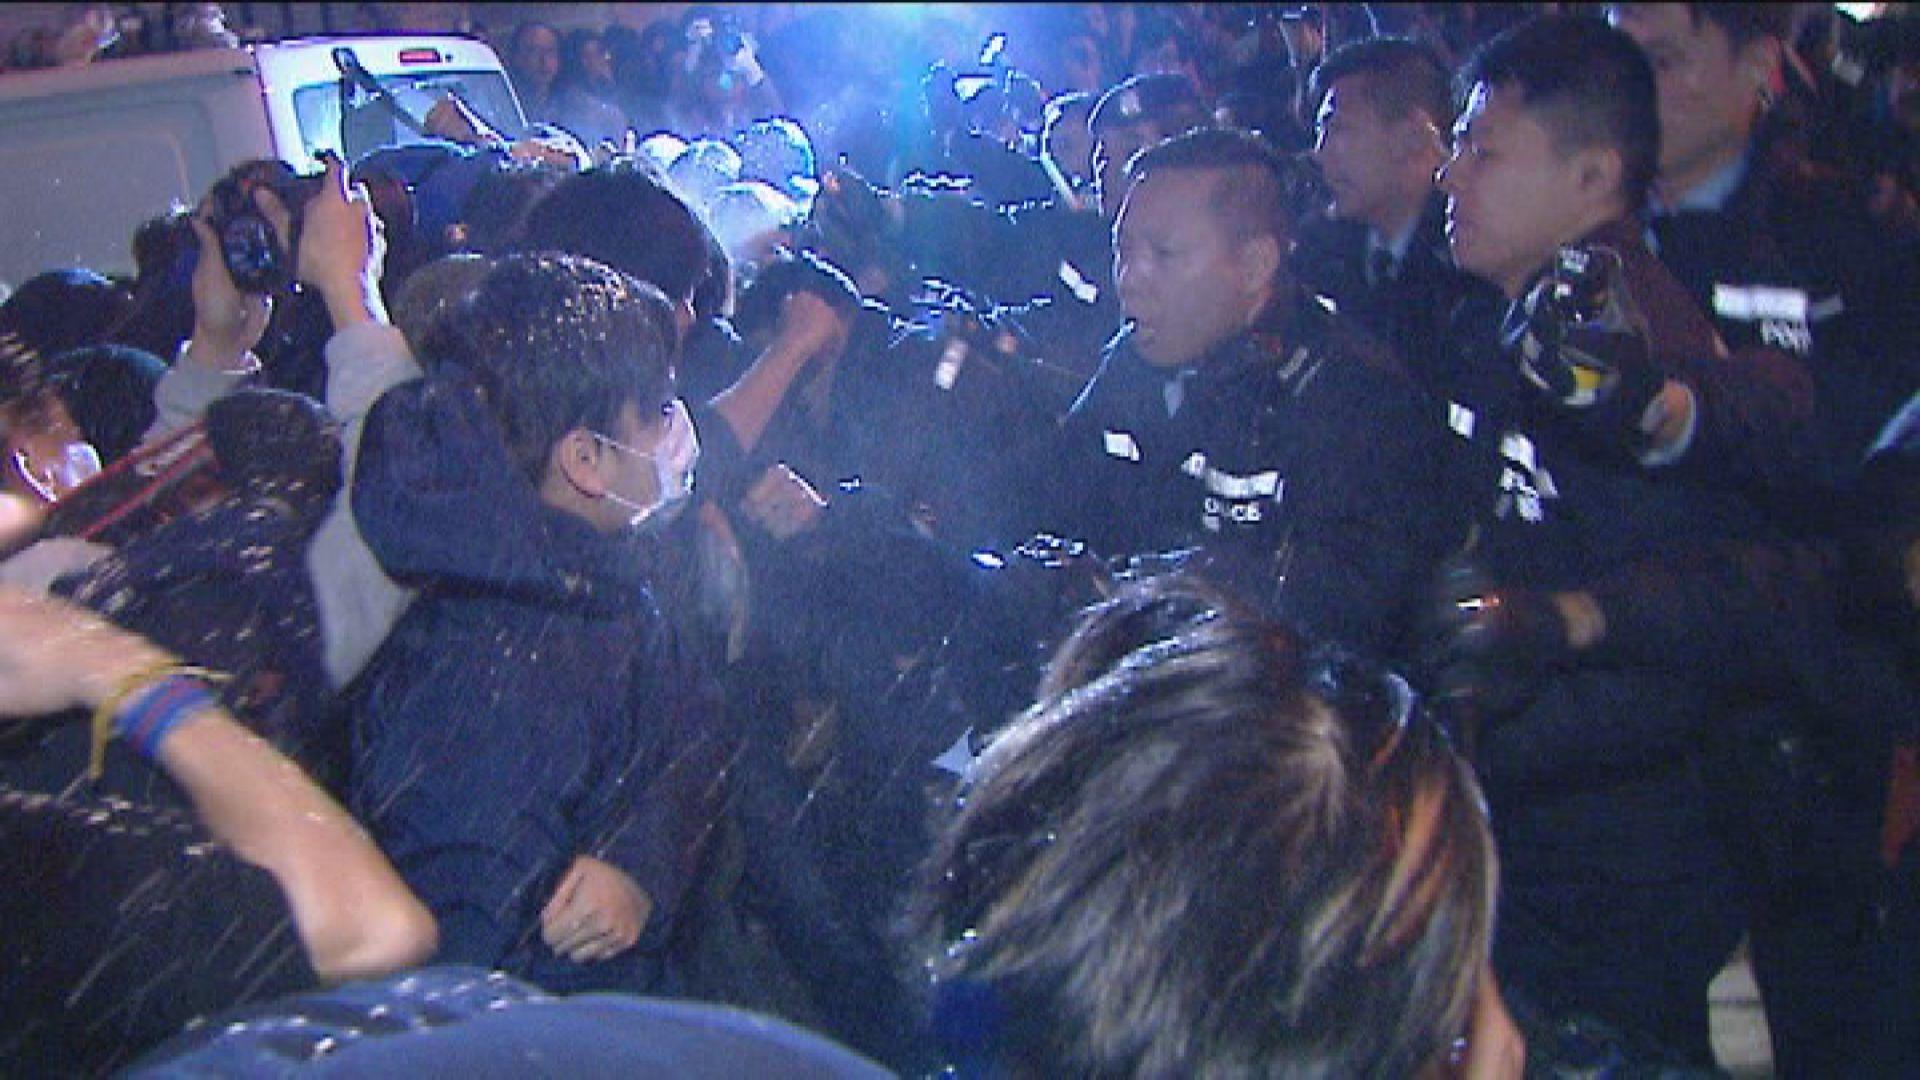 旺角騷亂案 主控官指群眾有所準備